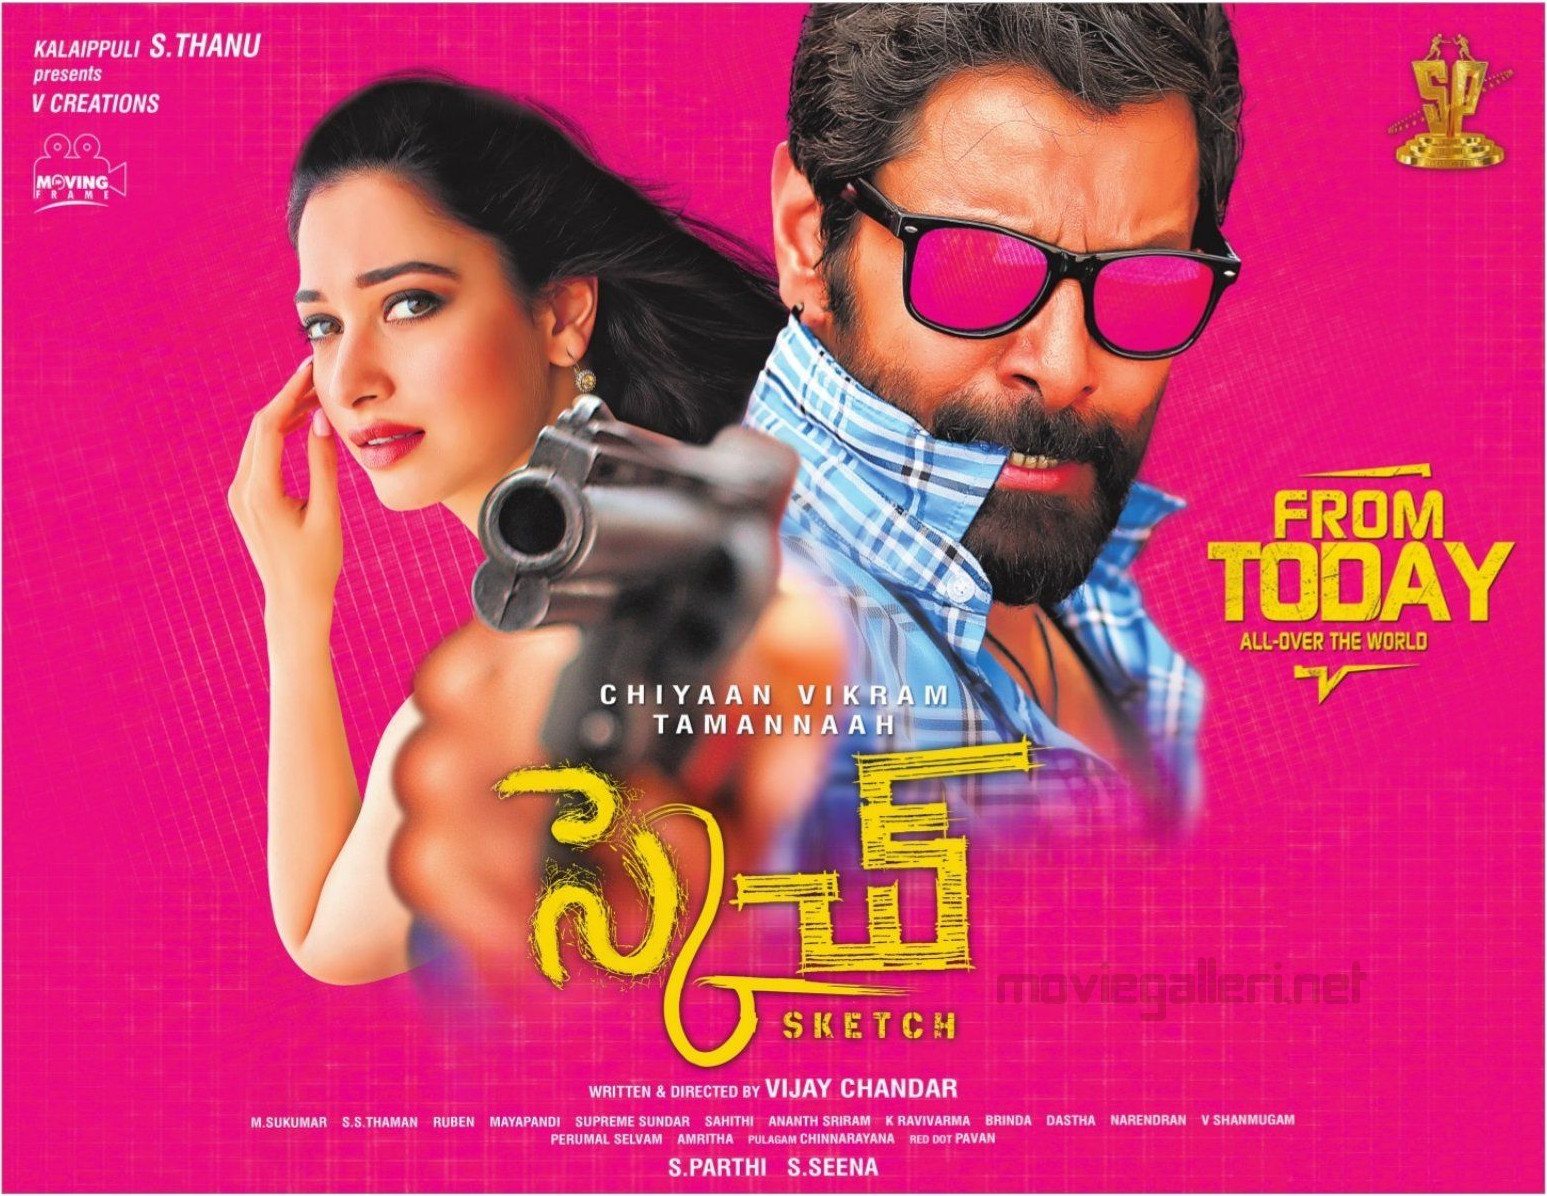 Tamannaah Chiyaan Vikram Sketch Movie Release Today Posters